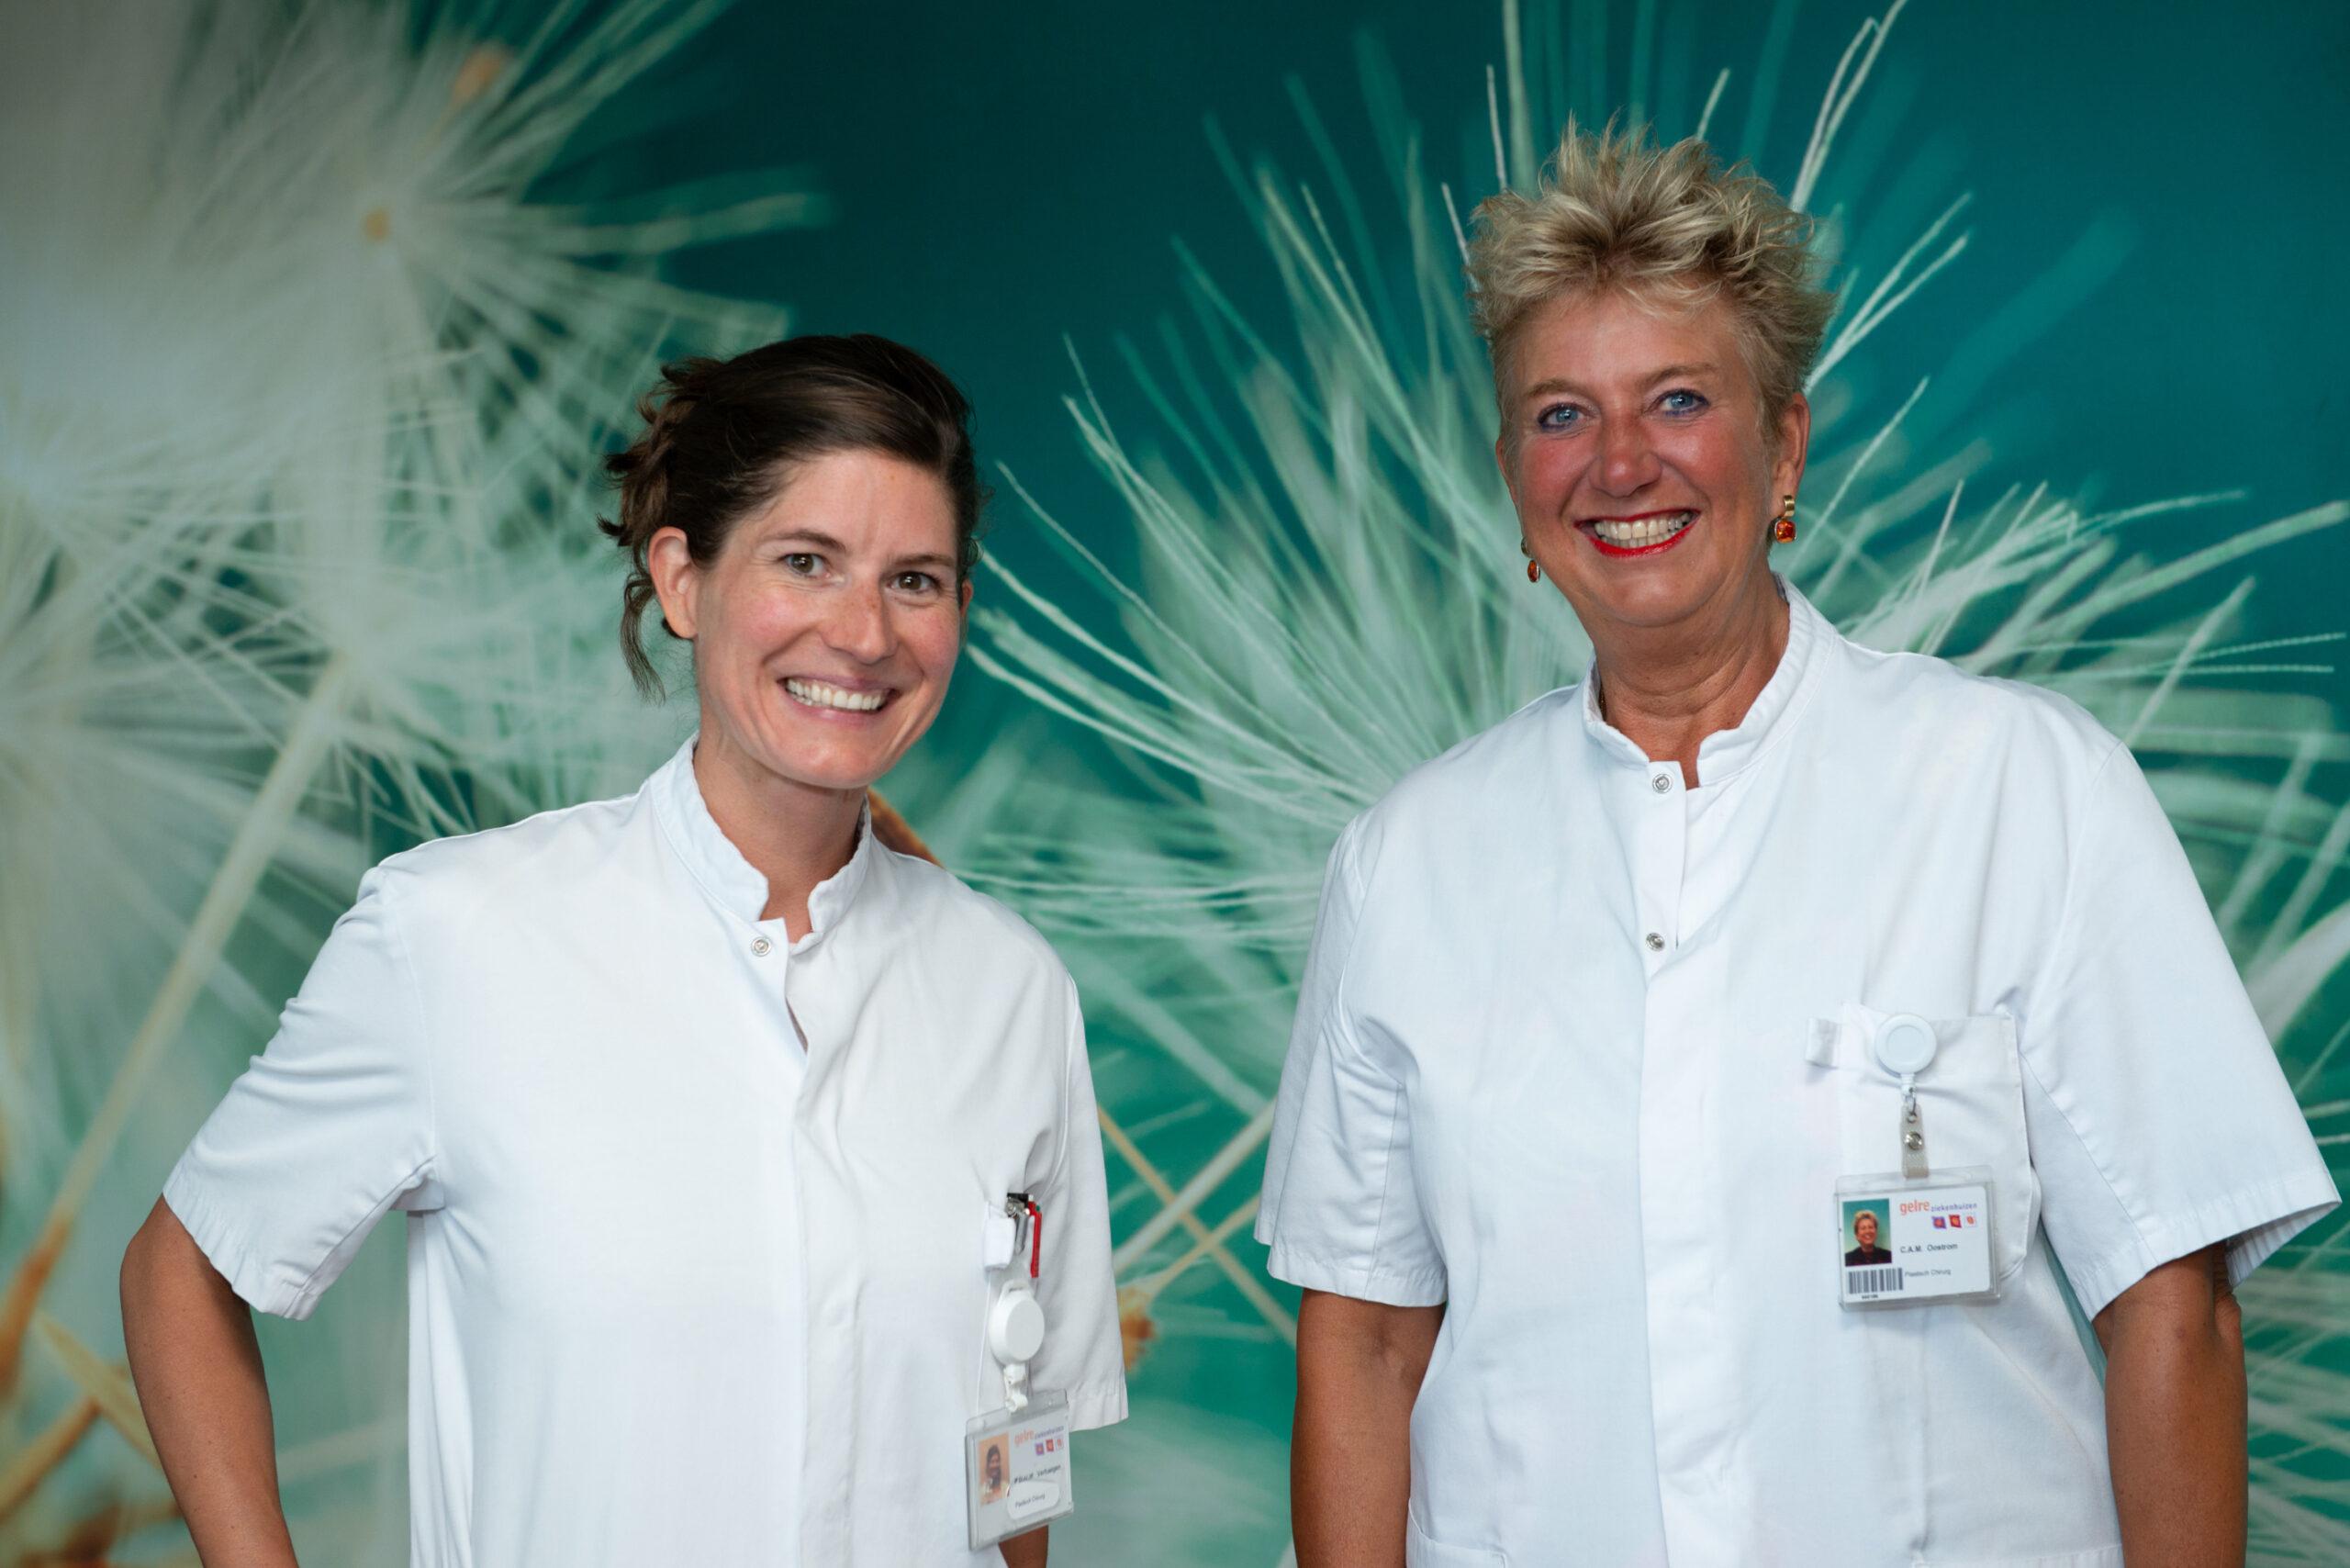 Dokter Pauline Verhaegen (links) en dokter Karine Oostrom (rechts)